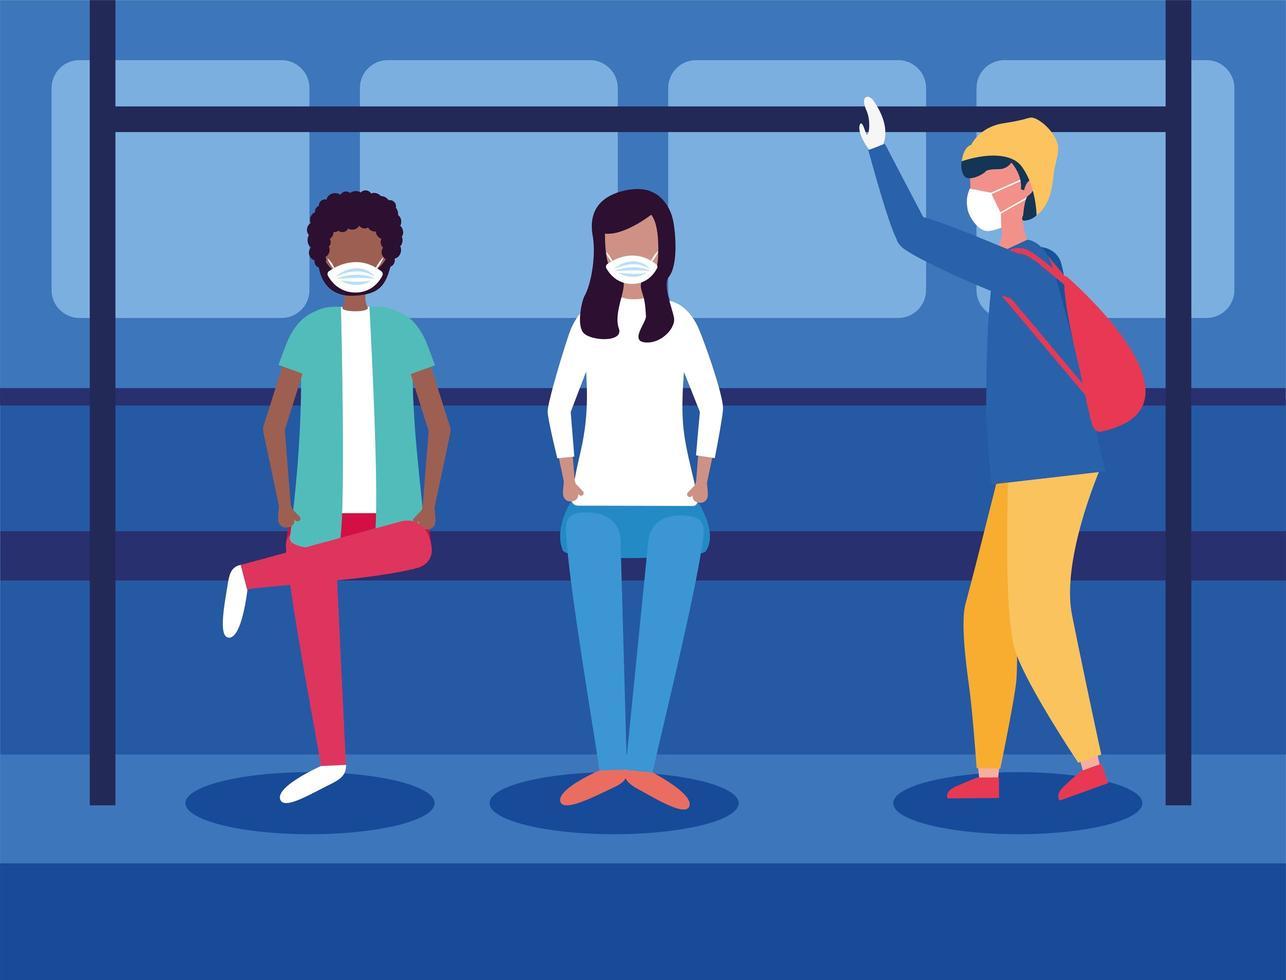 Menschen mit medizinischen Masken innerhalb des Busvektordesigns vektor